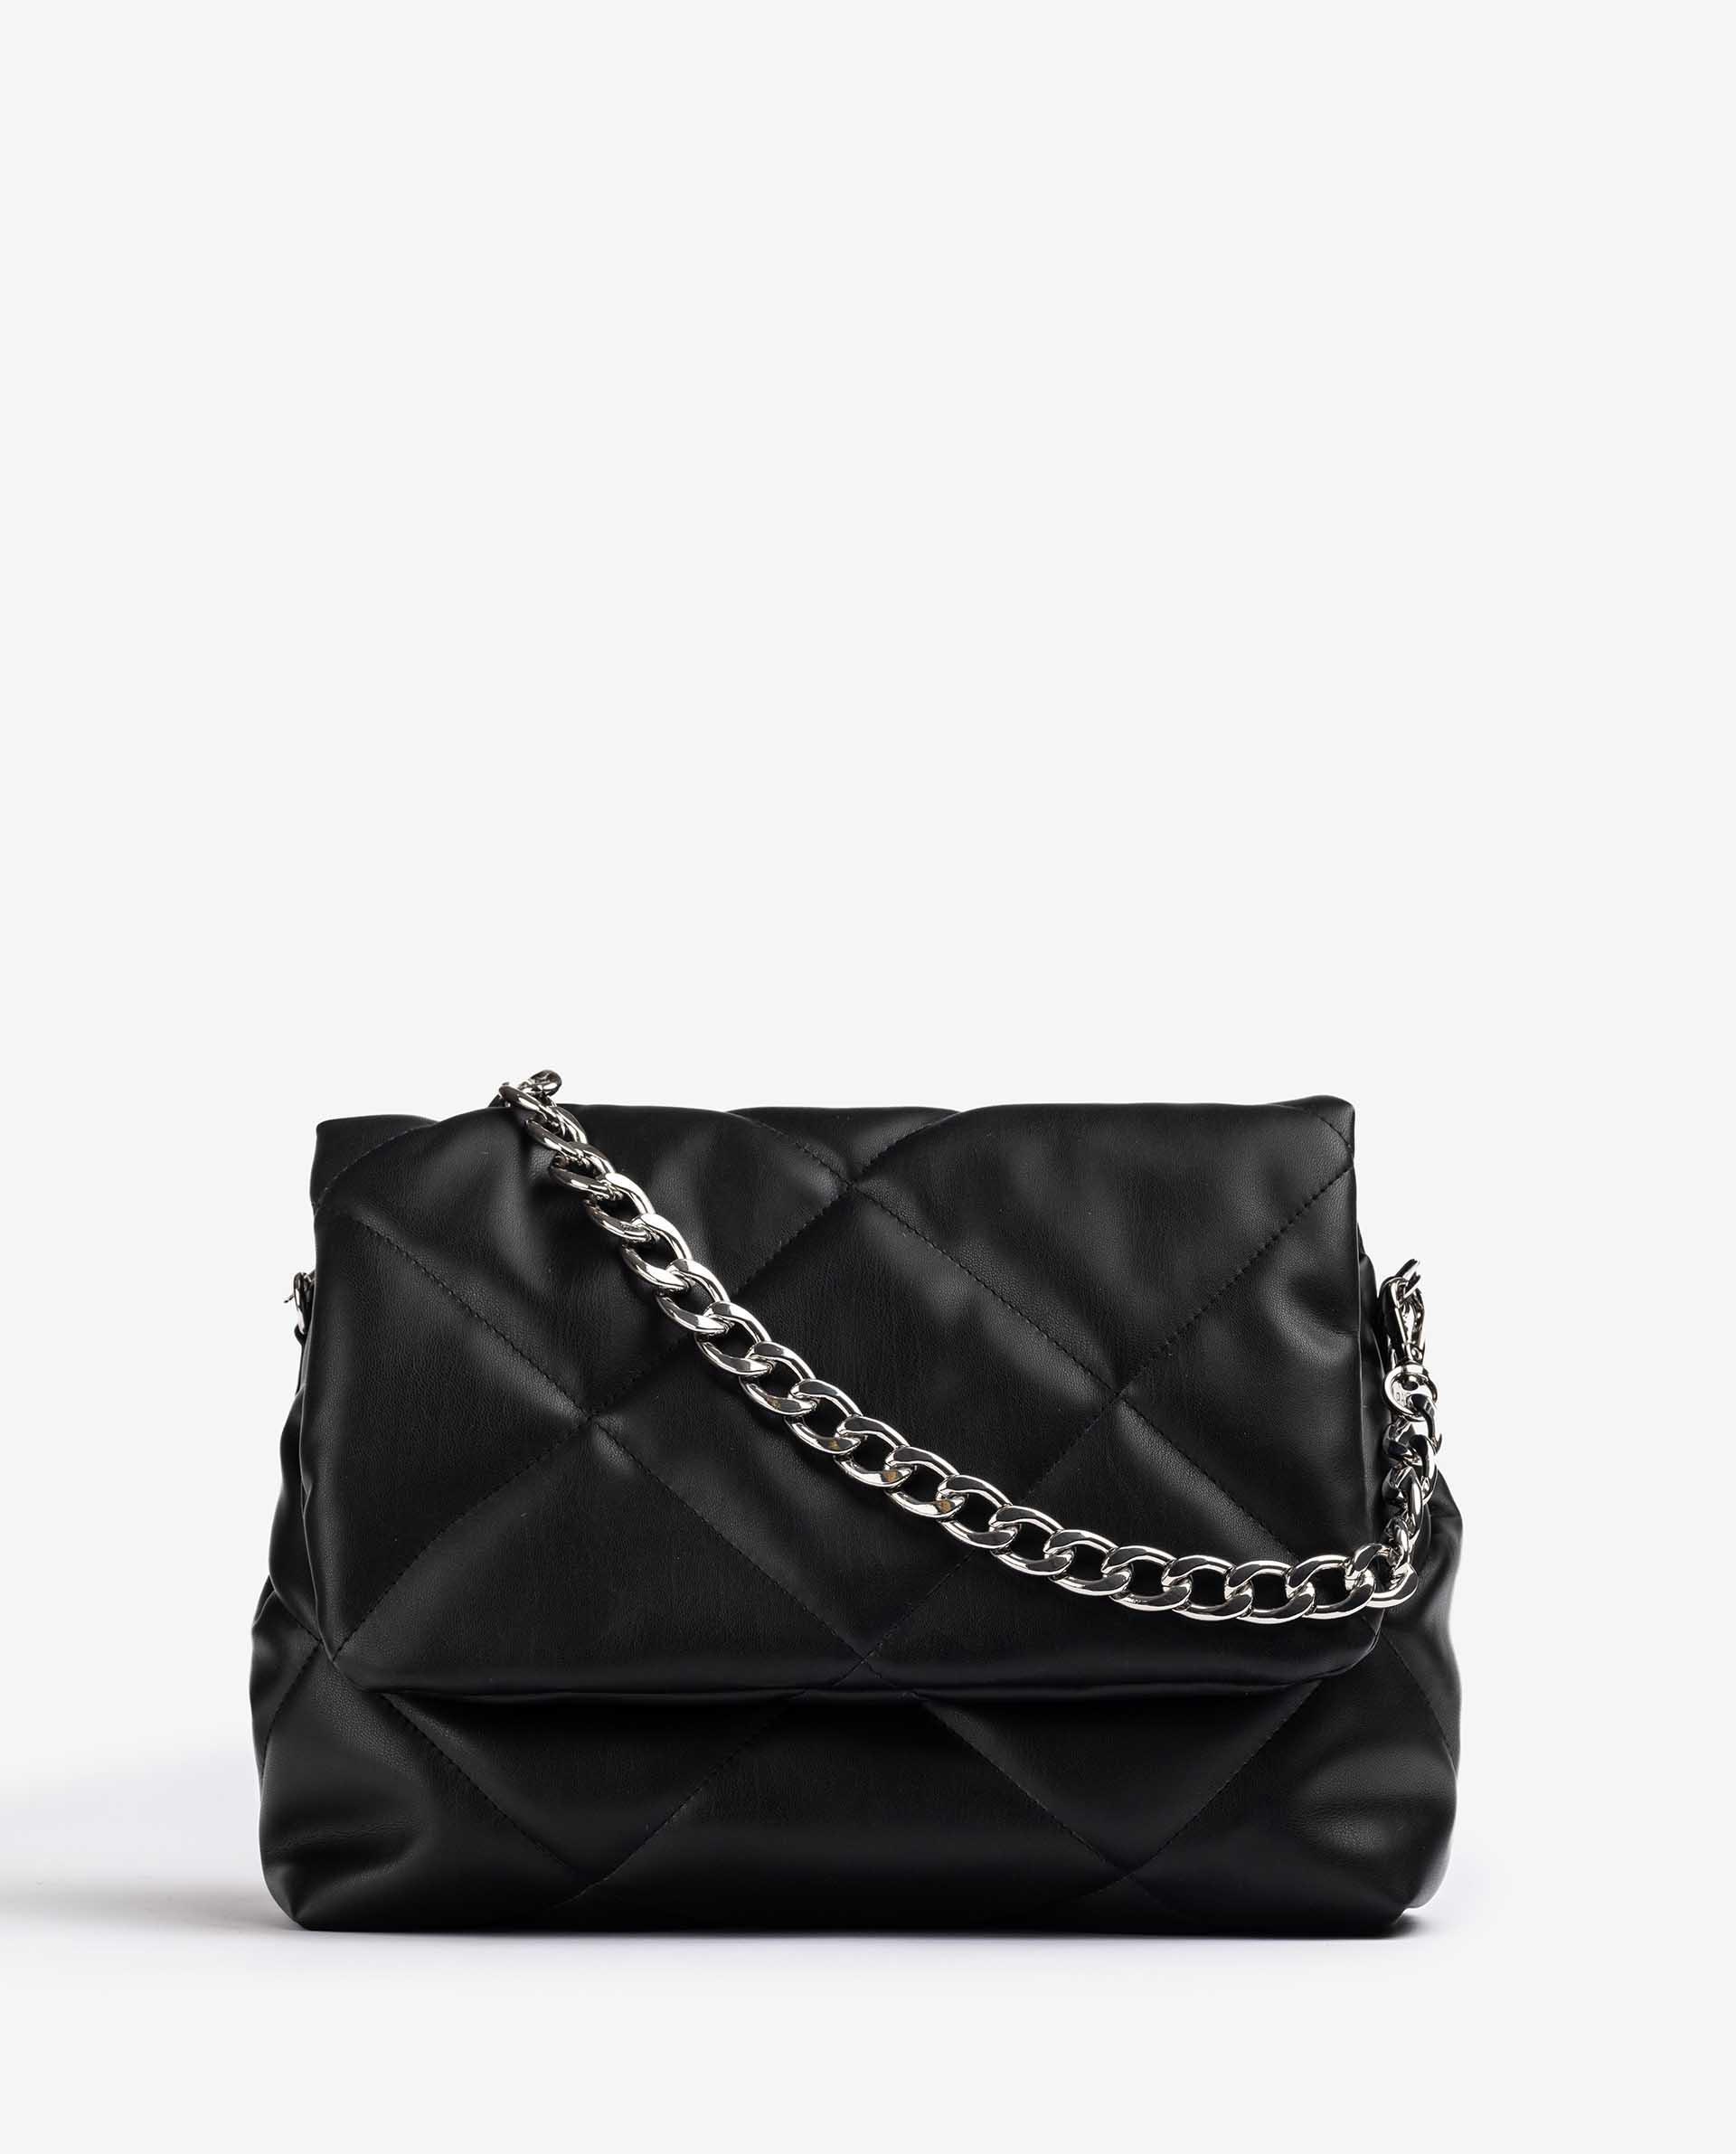 UNISA Grand sac en cuir matelassé de couleur noire  ZKERINA_SUP 3